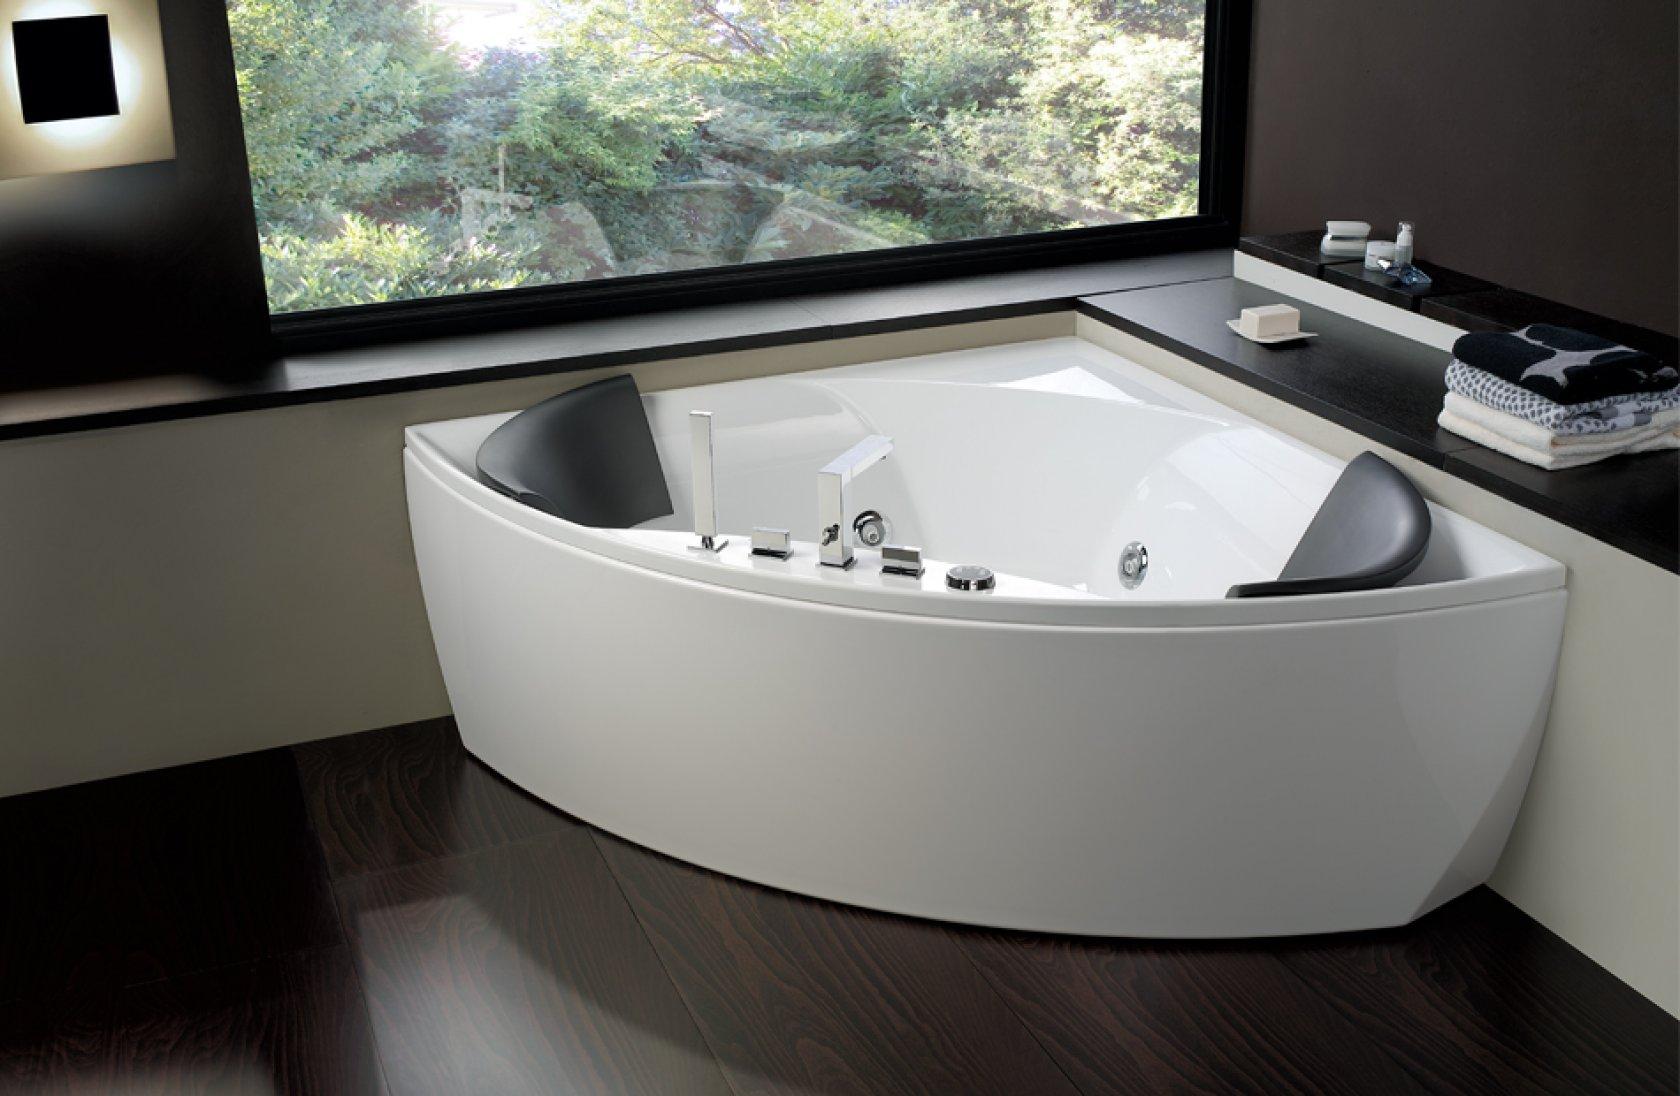 La vasca da bagno come sceglierla per avere una stanza - Vasca da bagno angolare misure ...